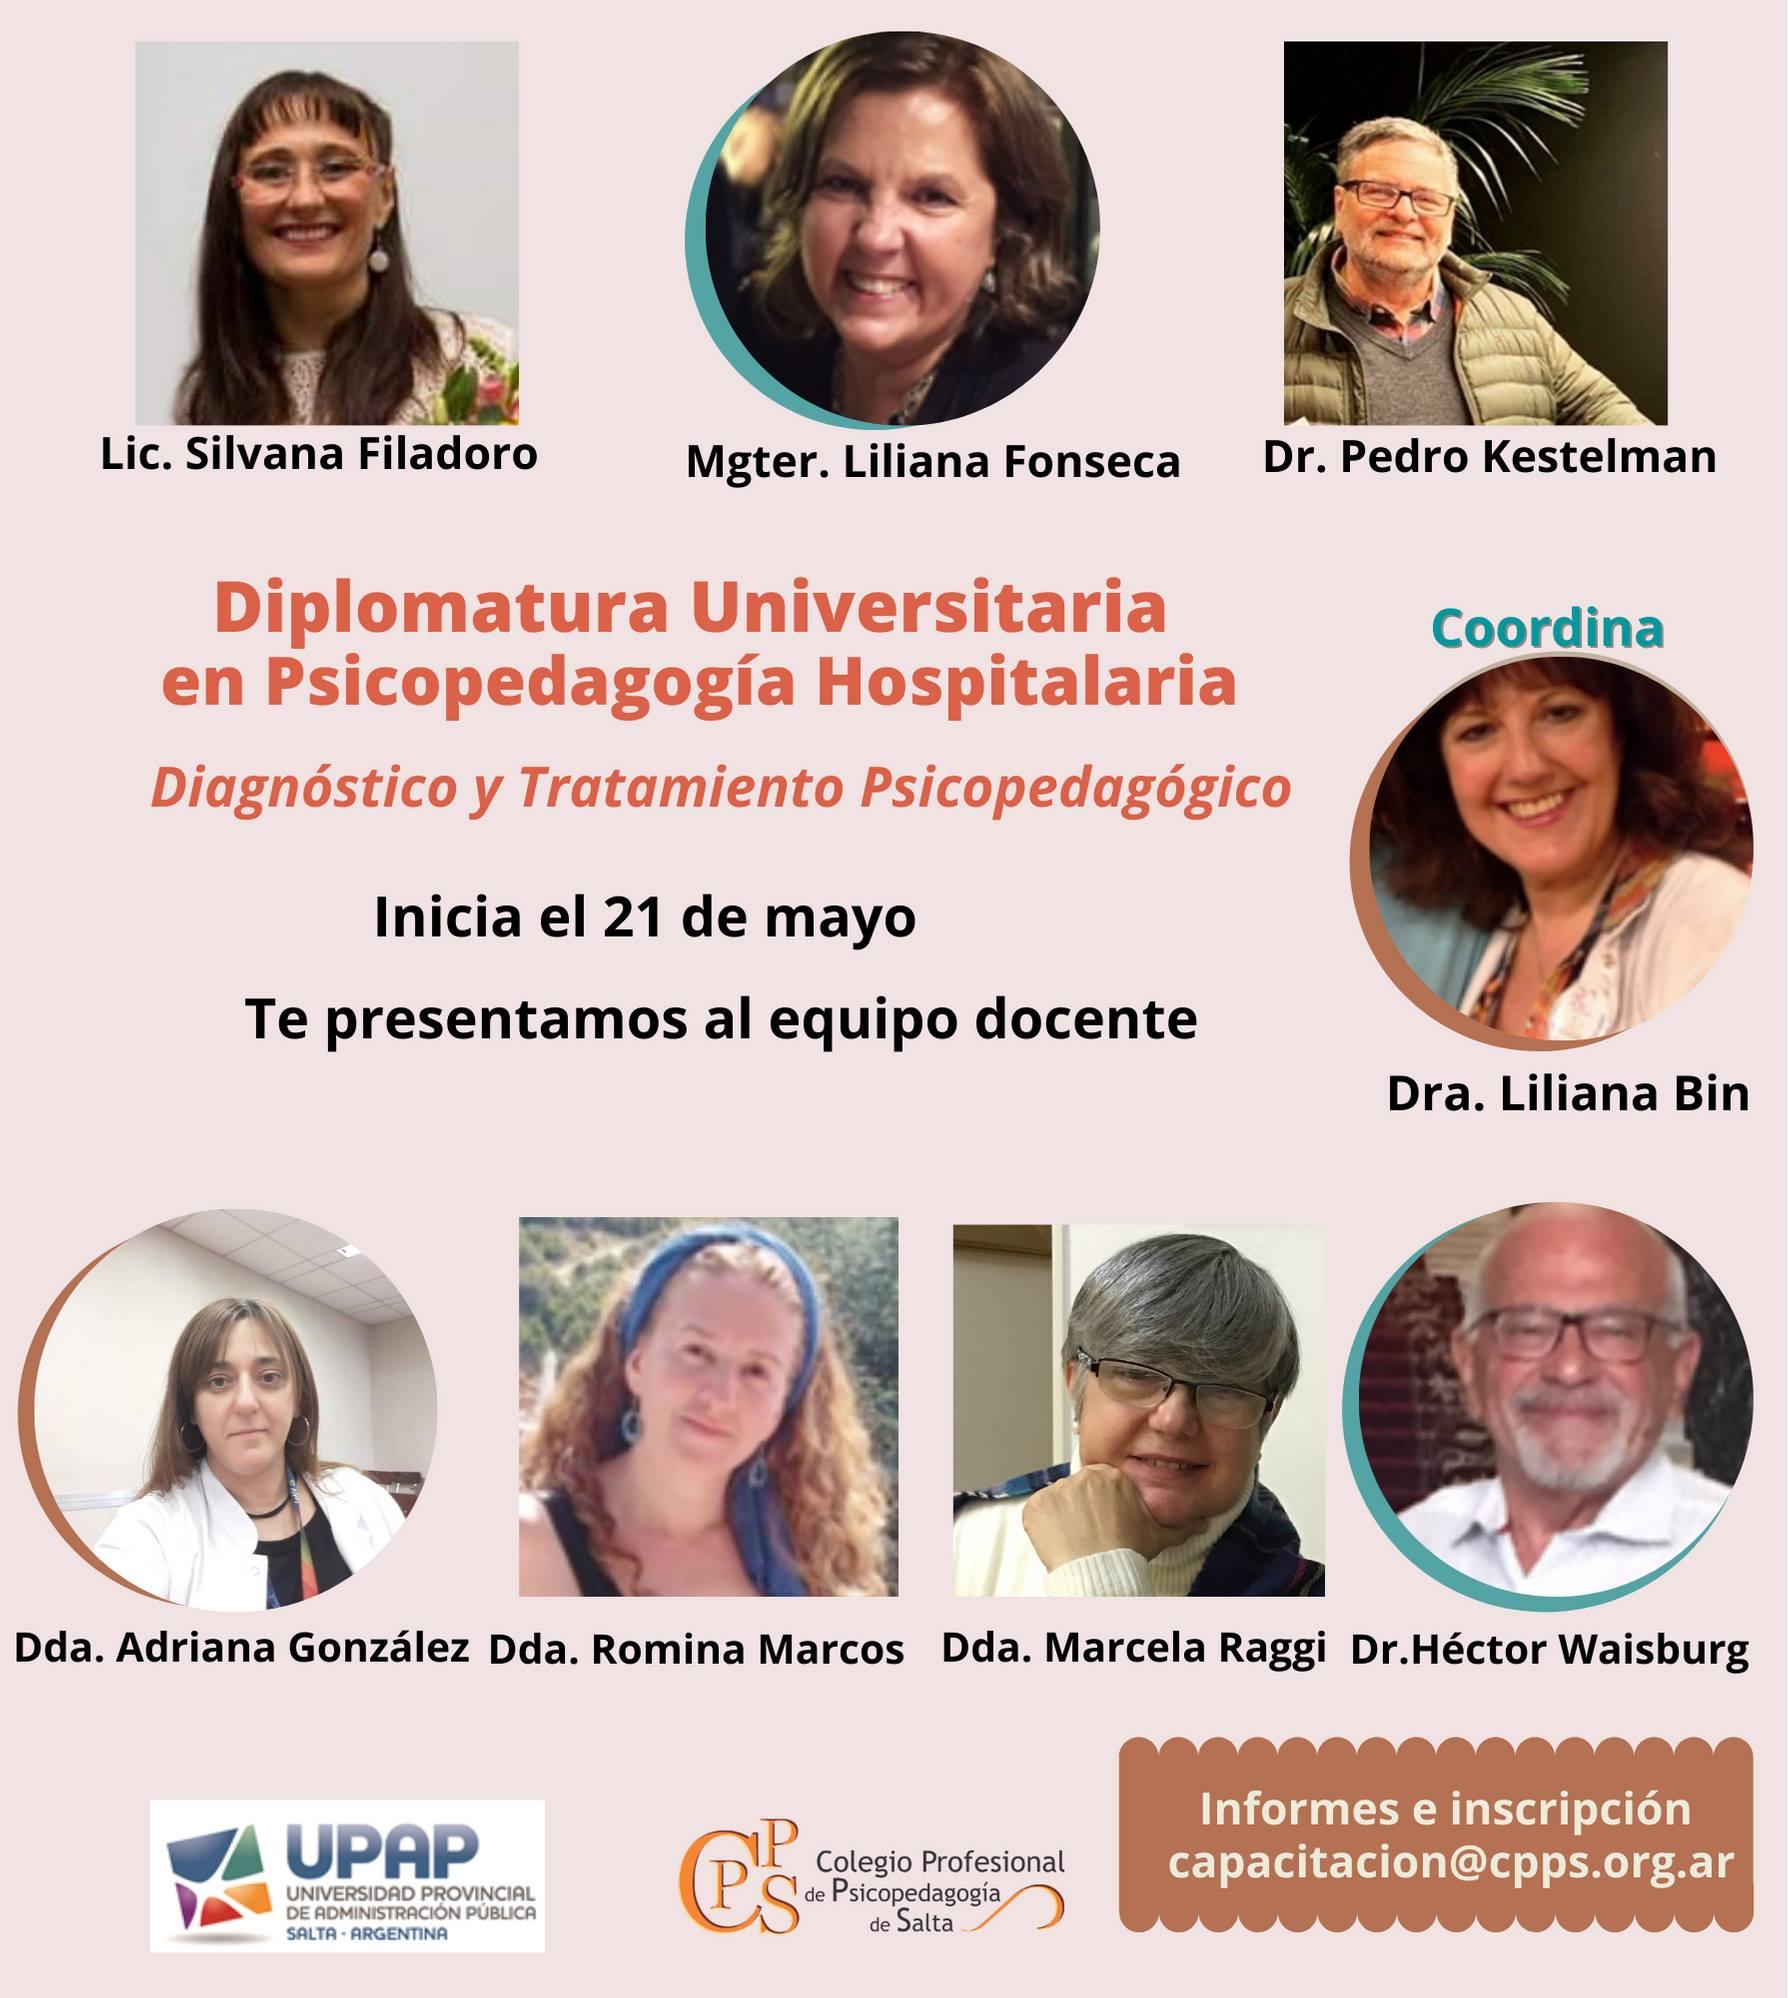 21/05 | Diplomatura Universitaria en Psicopedagogía Hospitalaria- Diagnóstico y Tratamiento